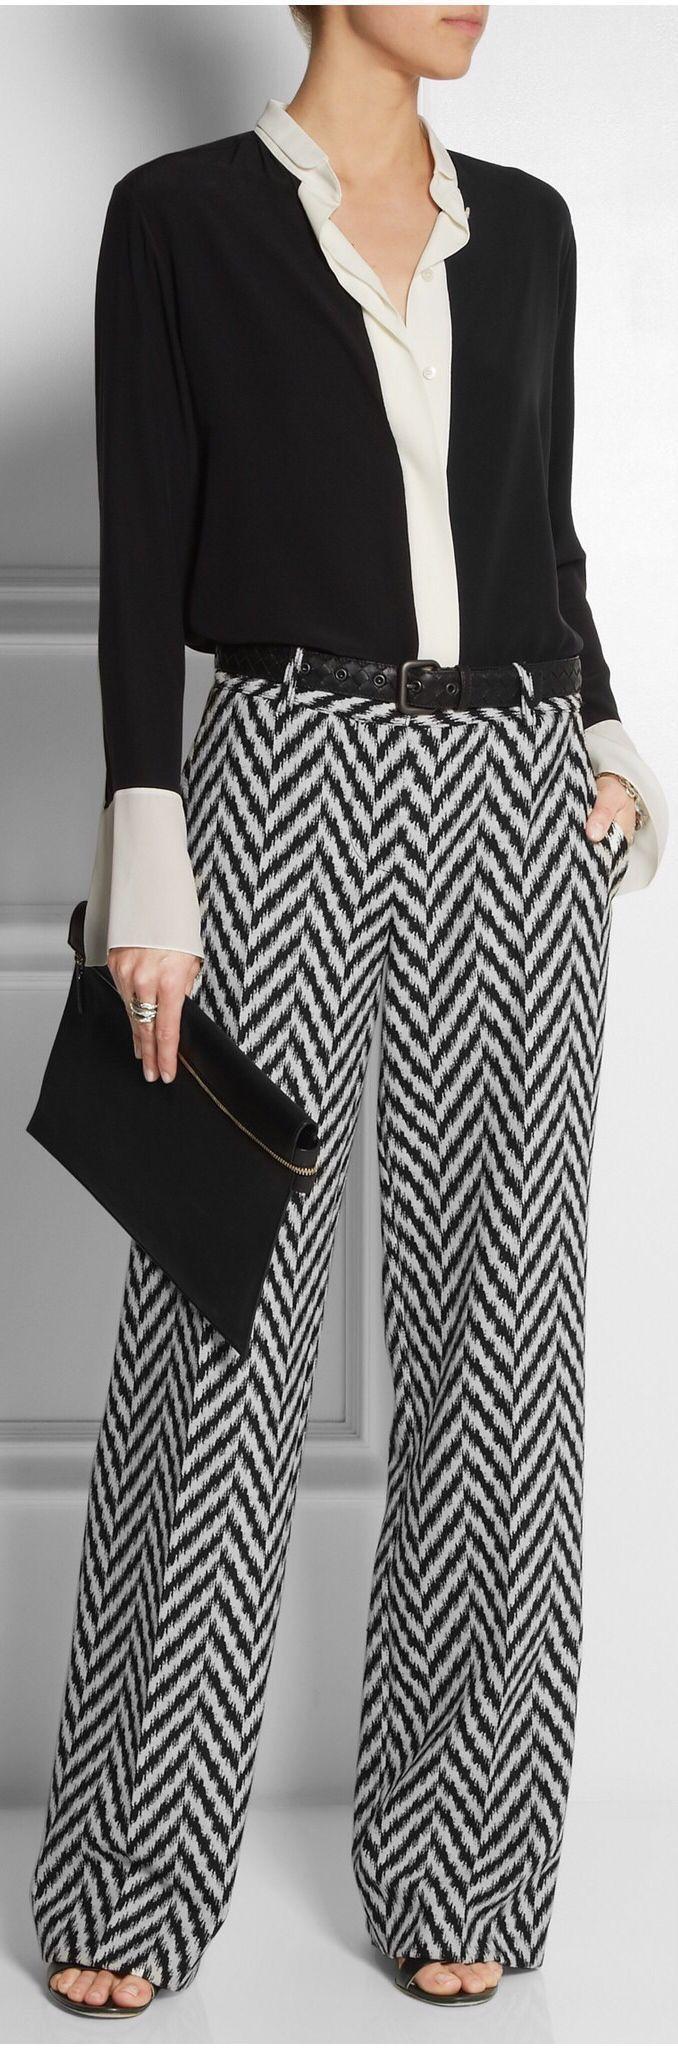 73c0a3e20fe4 Pin de Magali Bazan en Blusas en 2018 | Pinterest | Moda, Pantalones ...